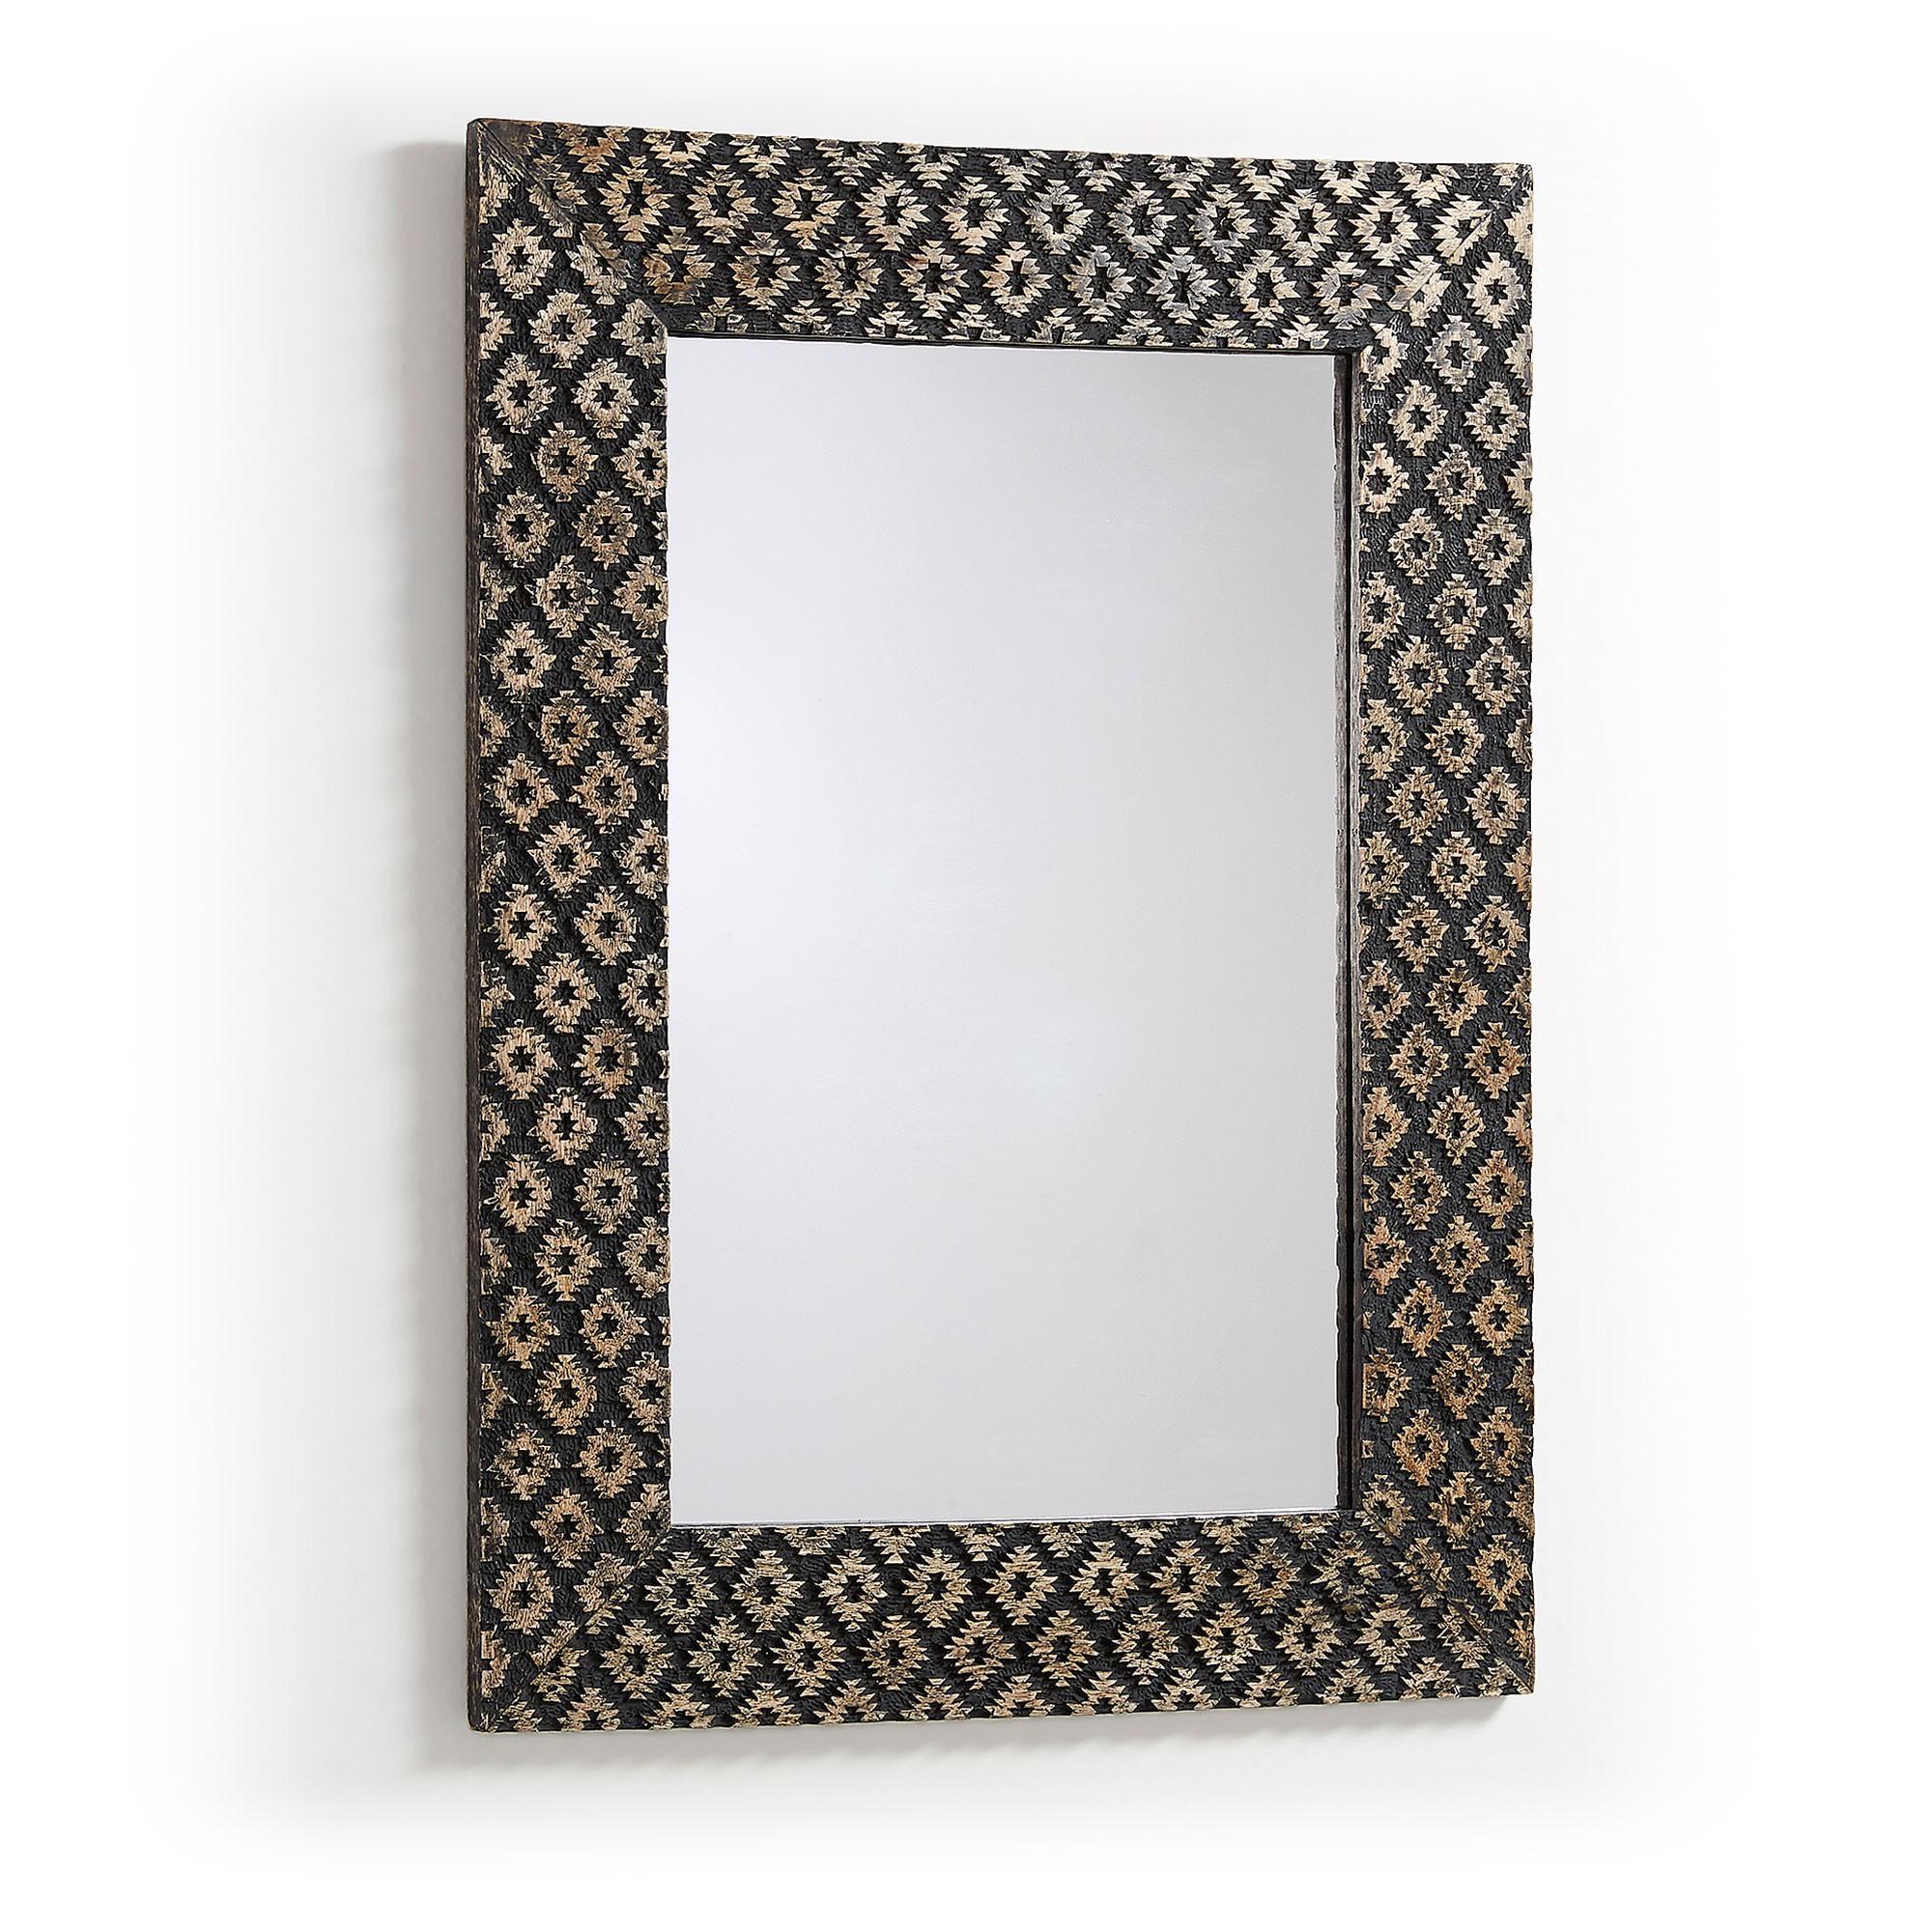 Samad Mango Wood Framed Wall Mirror, 78cm